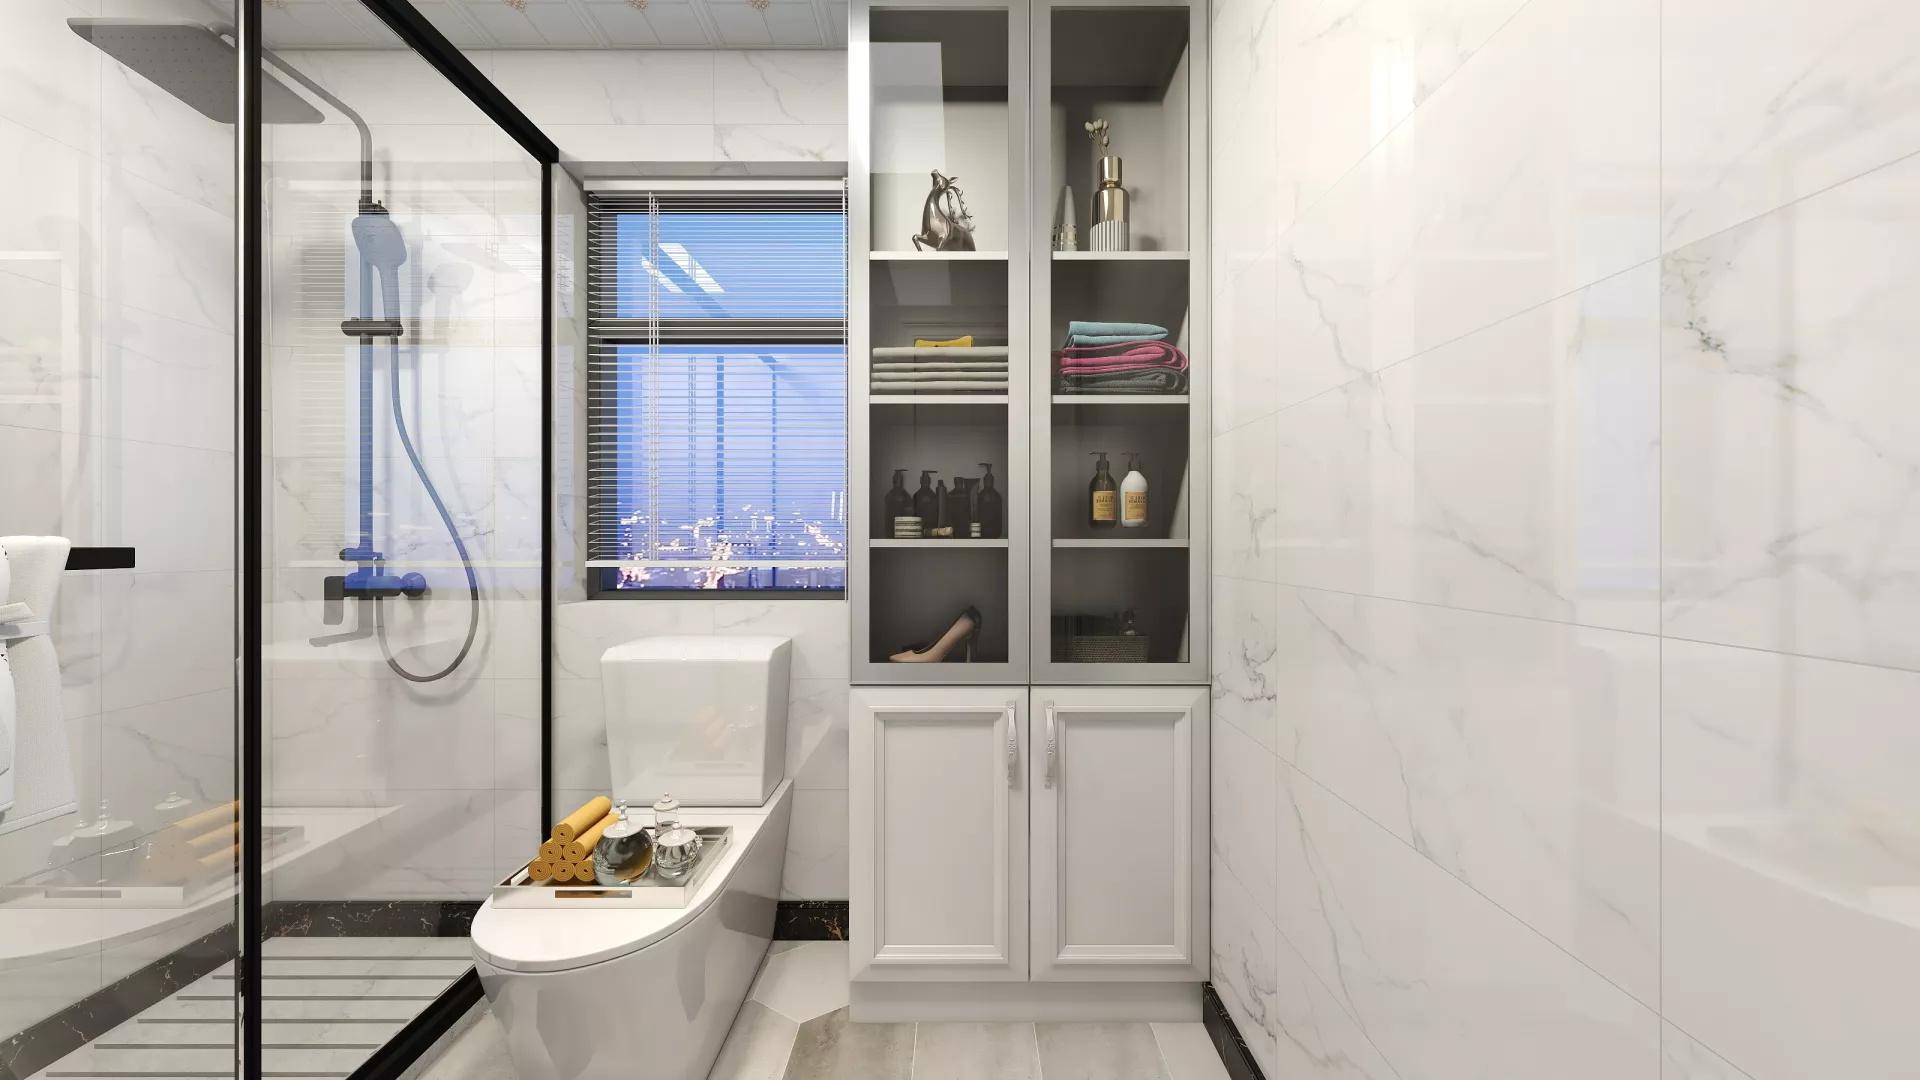 洗脸盆一般安装高度是多少?洗脸盆安装有什么注意事项?